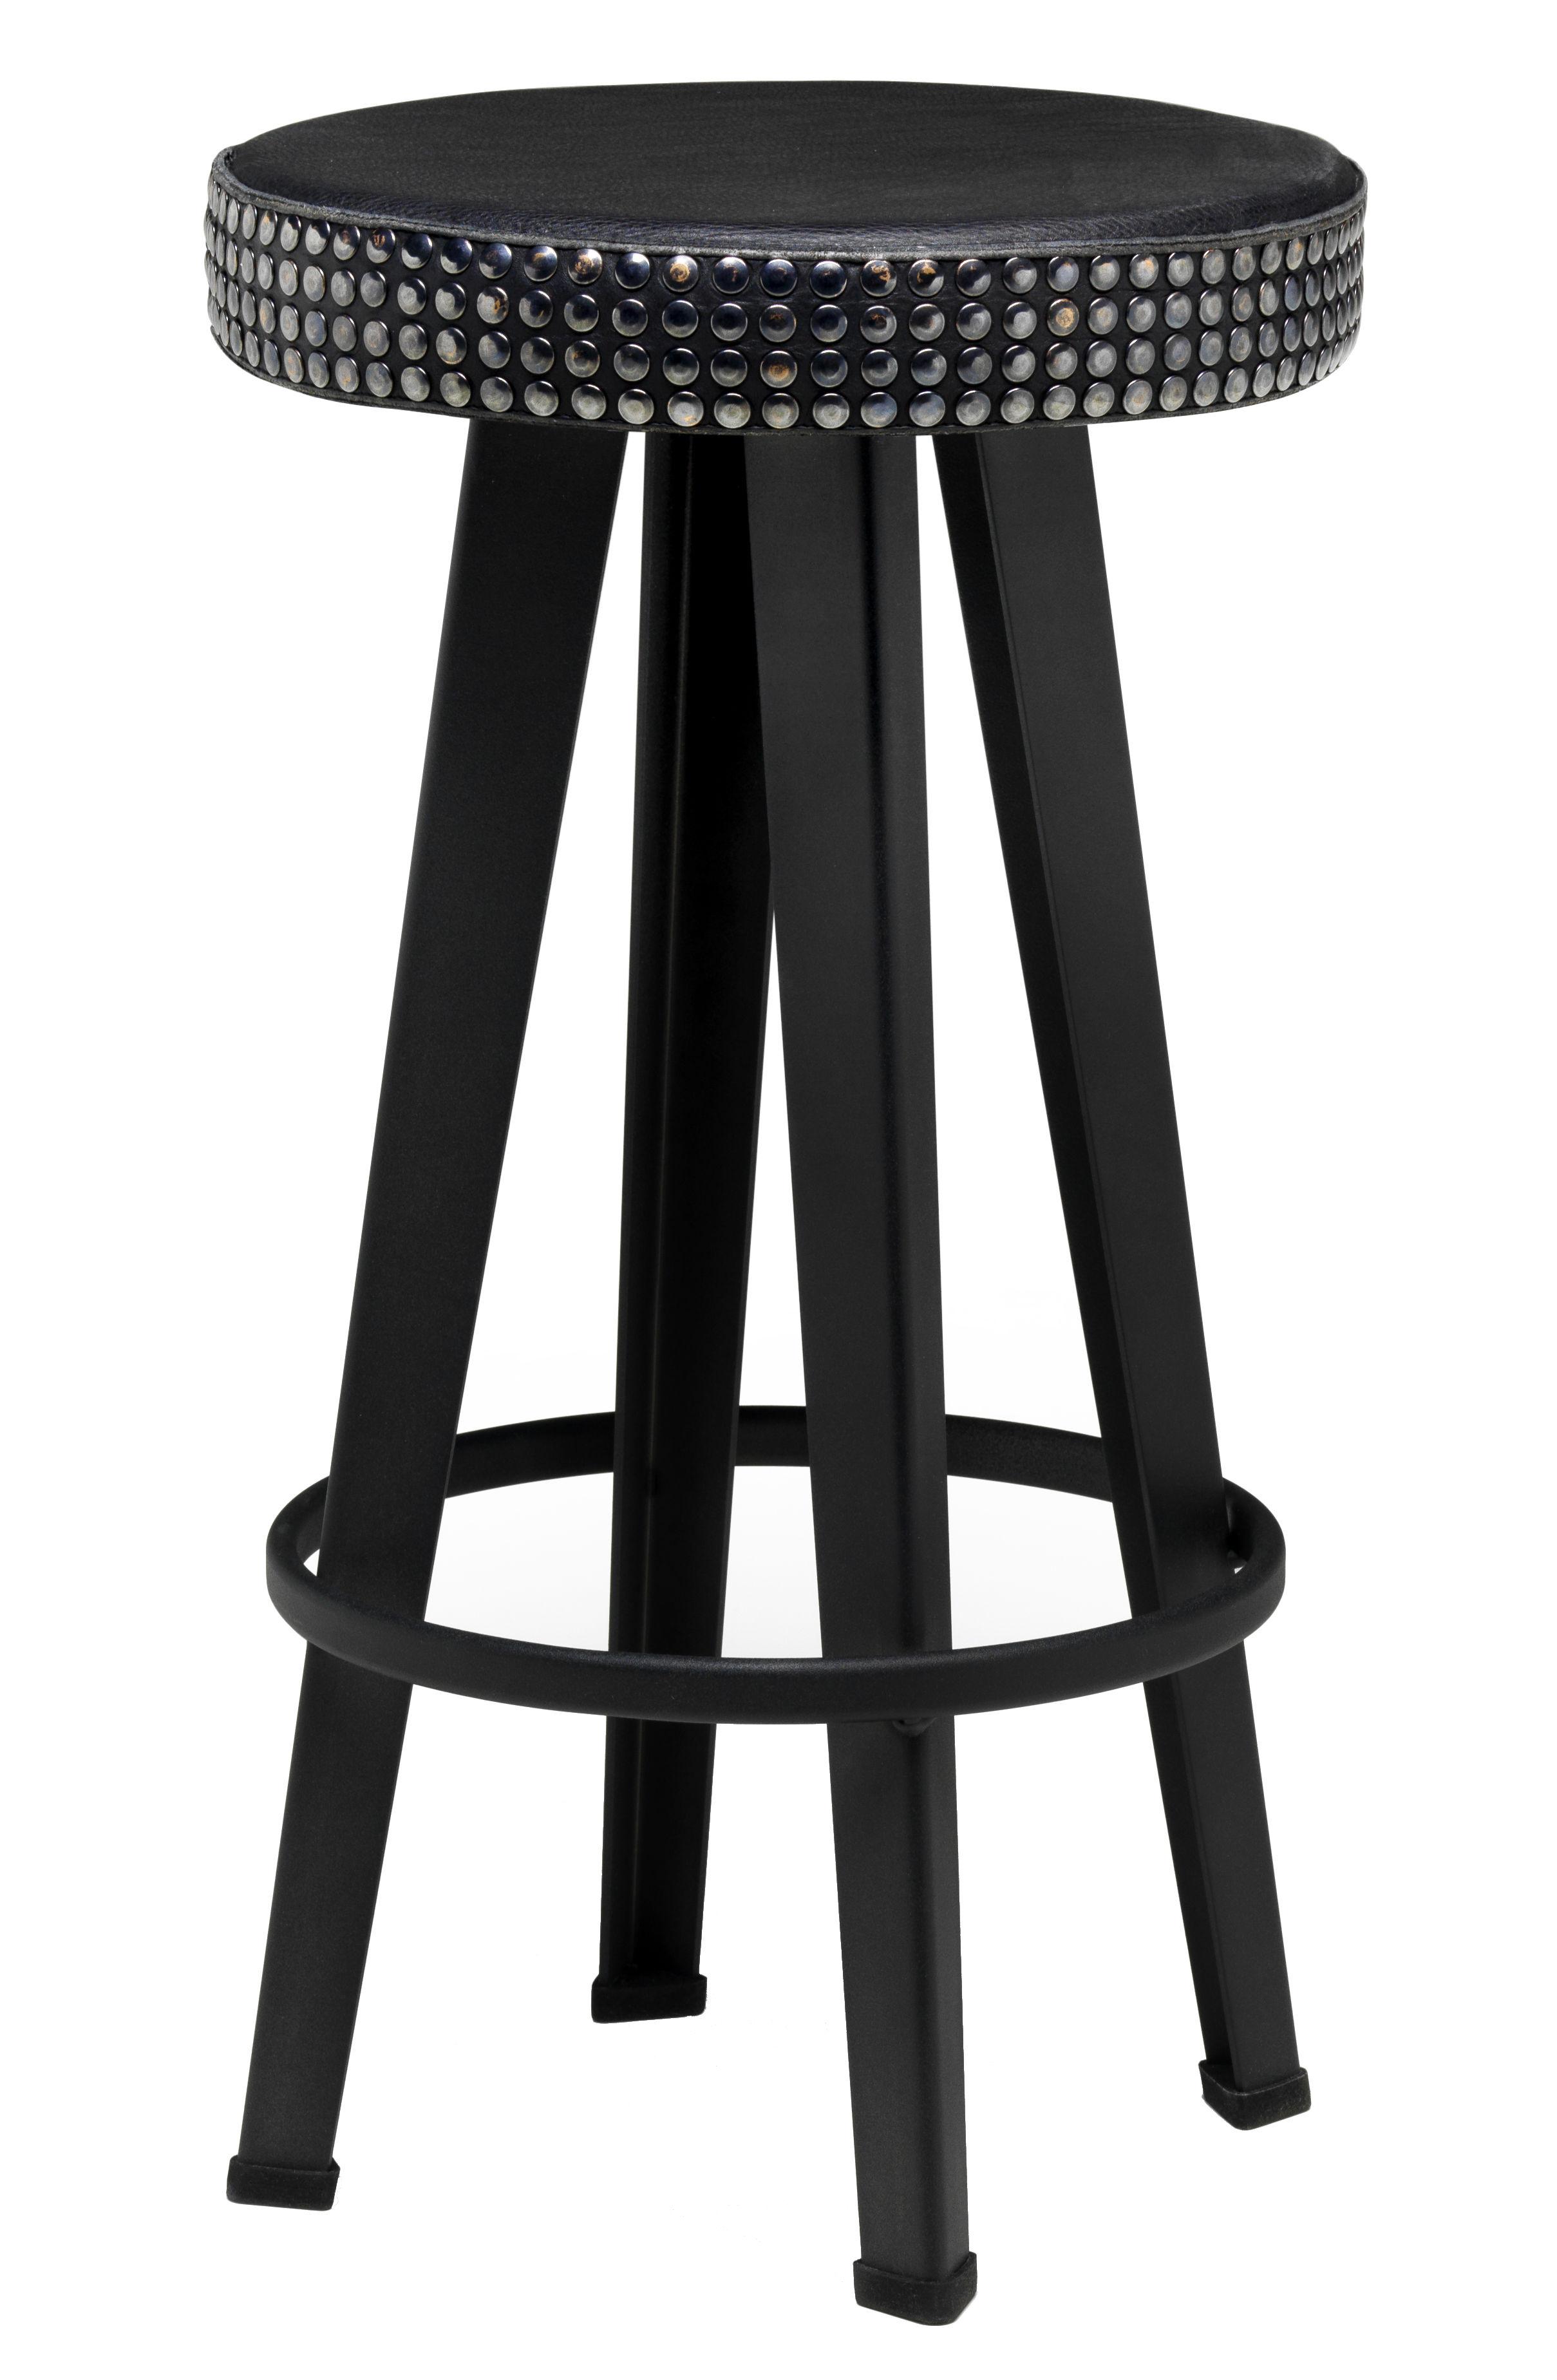 Mobilier - Tabourets de bar - Tabouret de bar Bar Stud / H 63 cm - Assise rembourrée cuir & métal - Diesel with Moroso - Noir - Acier laqué, Cuir